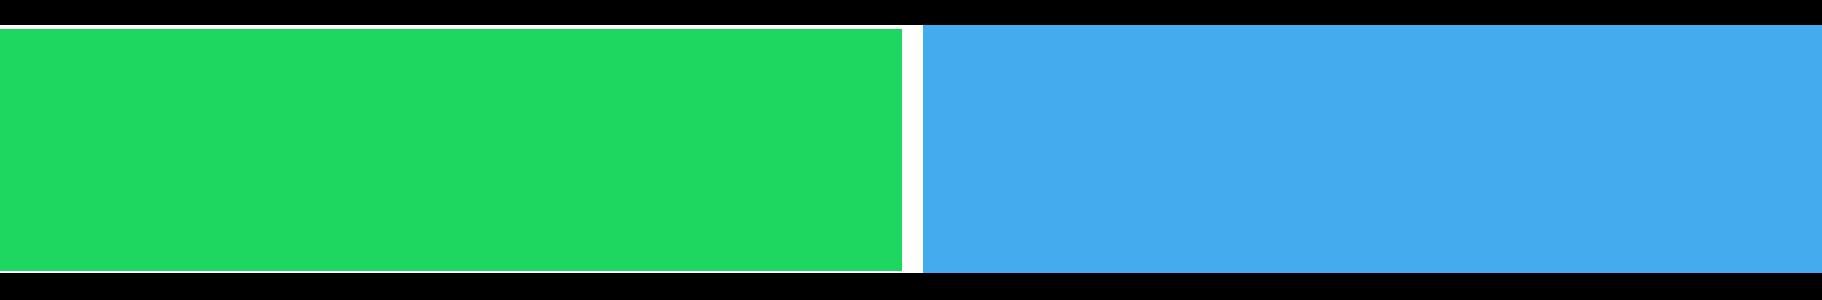 Matt Suda Logo